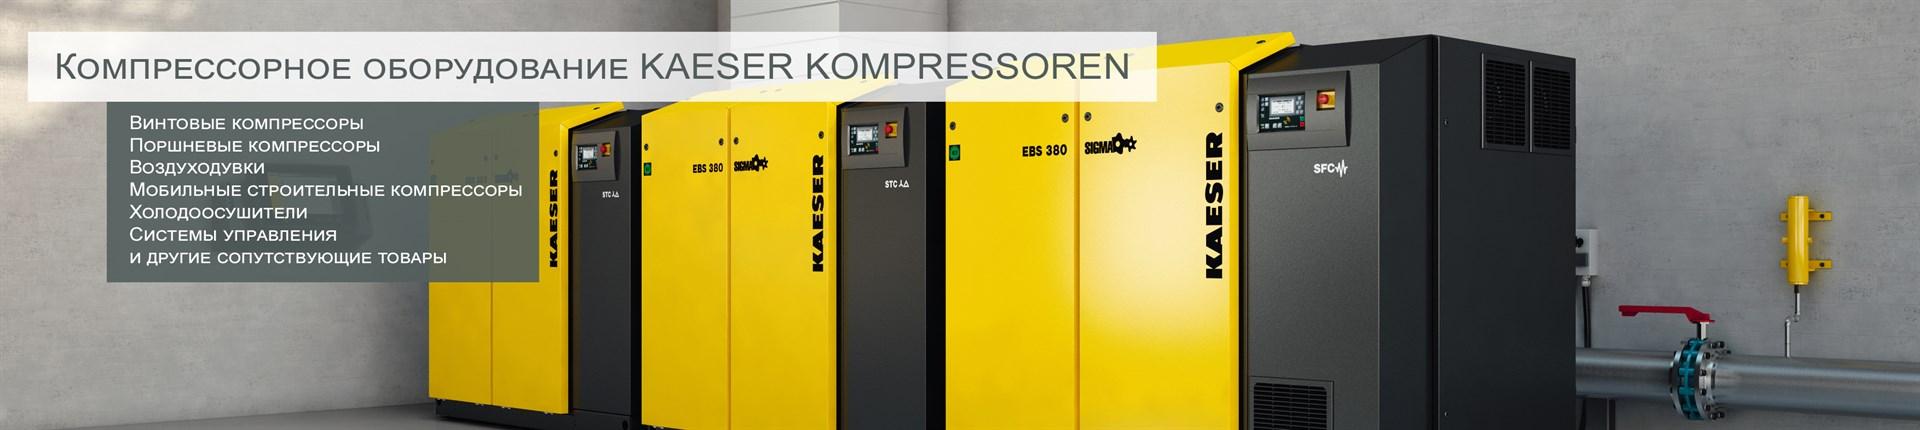 Компрессорное оборудование KAESER KOMPRESSOREN